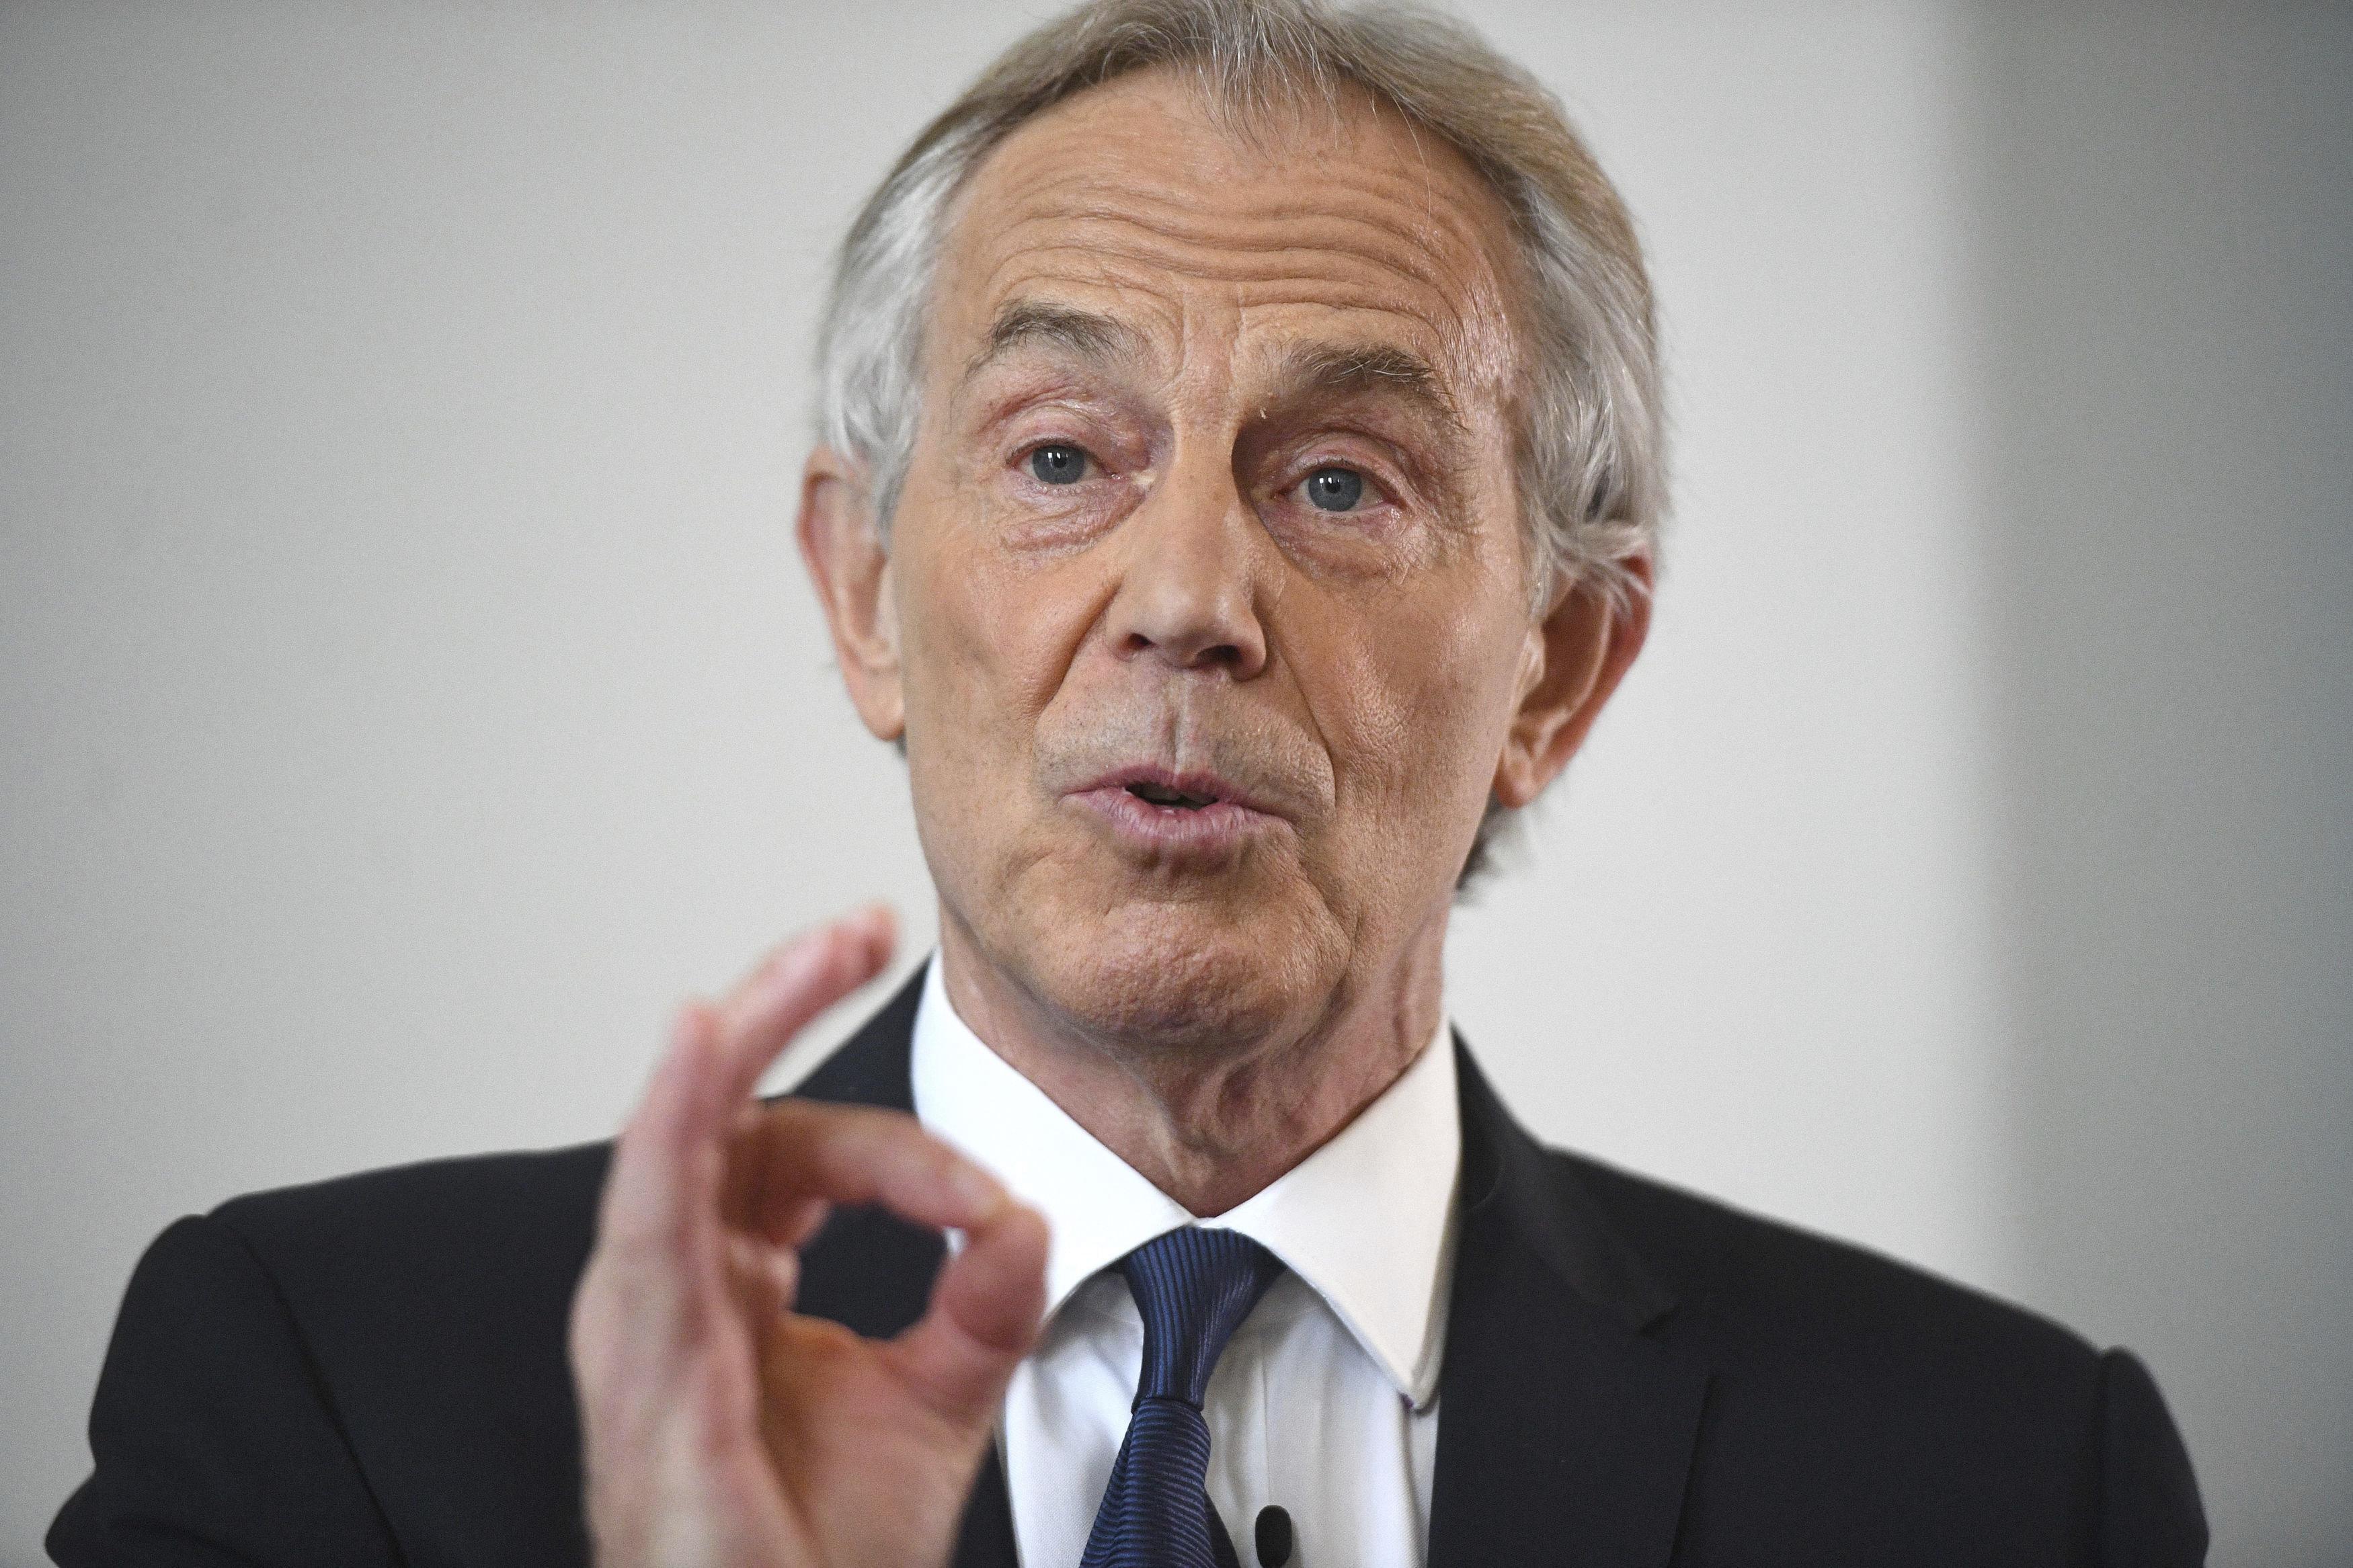 Τόνι Μπλερ: Η συμφωνία για το Brexit δεν θα κρατήσει – να είμαστε προετοιμασμένοι για όλα